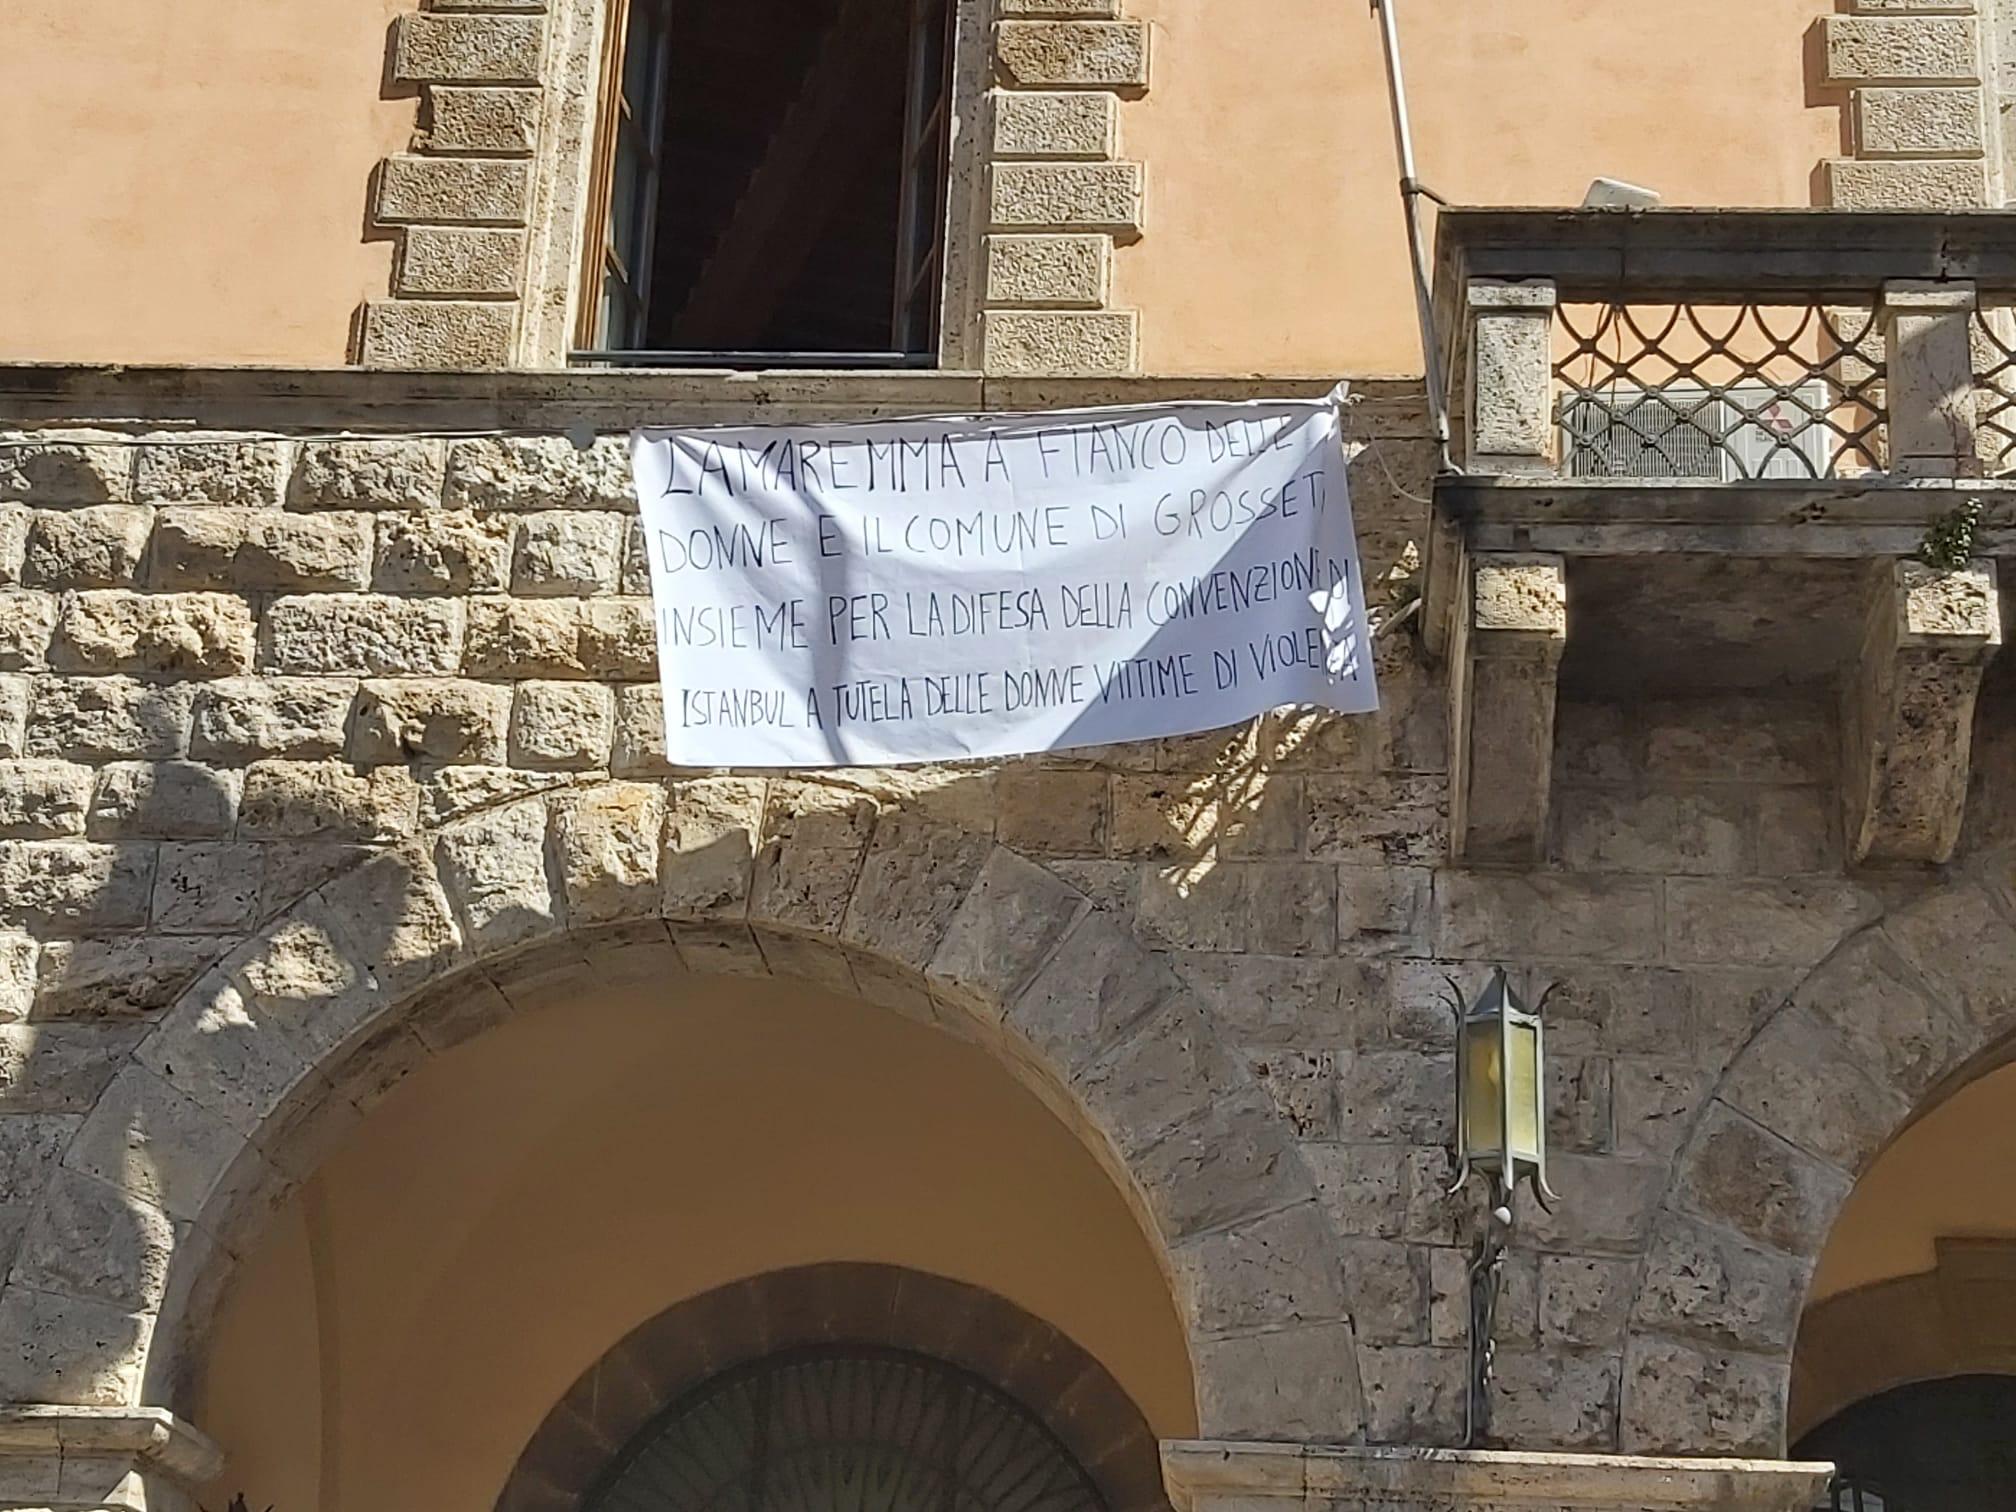 comune-di-grosseto-Il-drappo-contro-le-violenze-anche-in-Municipio